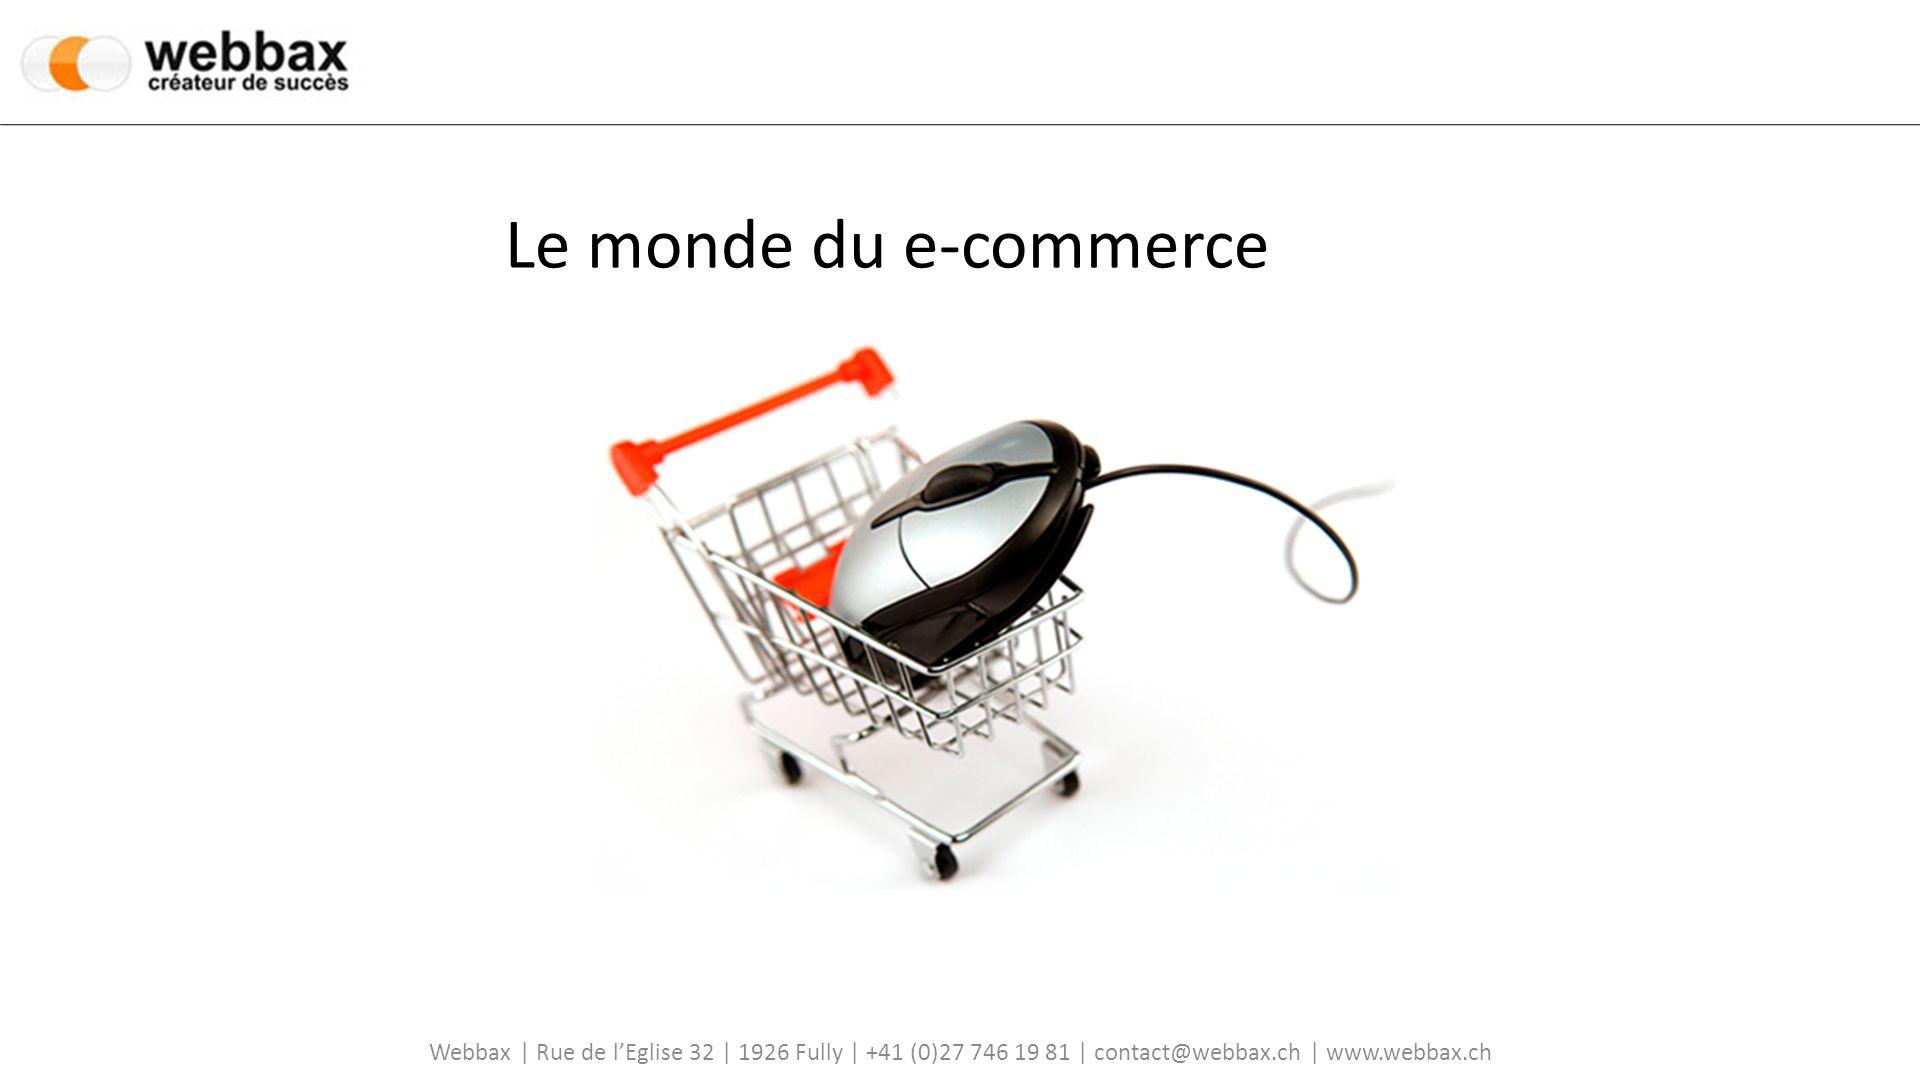 Le monde du e-commerce Webbax | Rue de l'Eglise 32 | 1926 Fully | +41 (0)27 746 19 81 | contact@webbax.ch | www.webbax.ch.